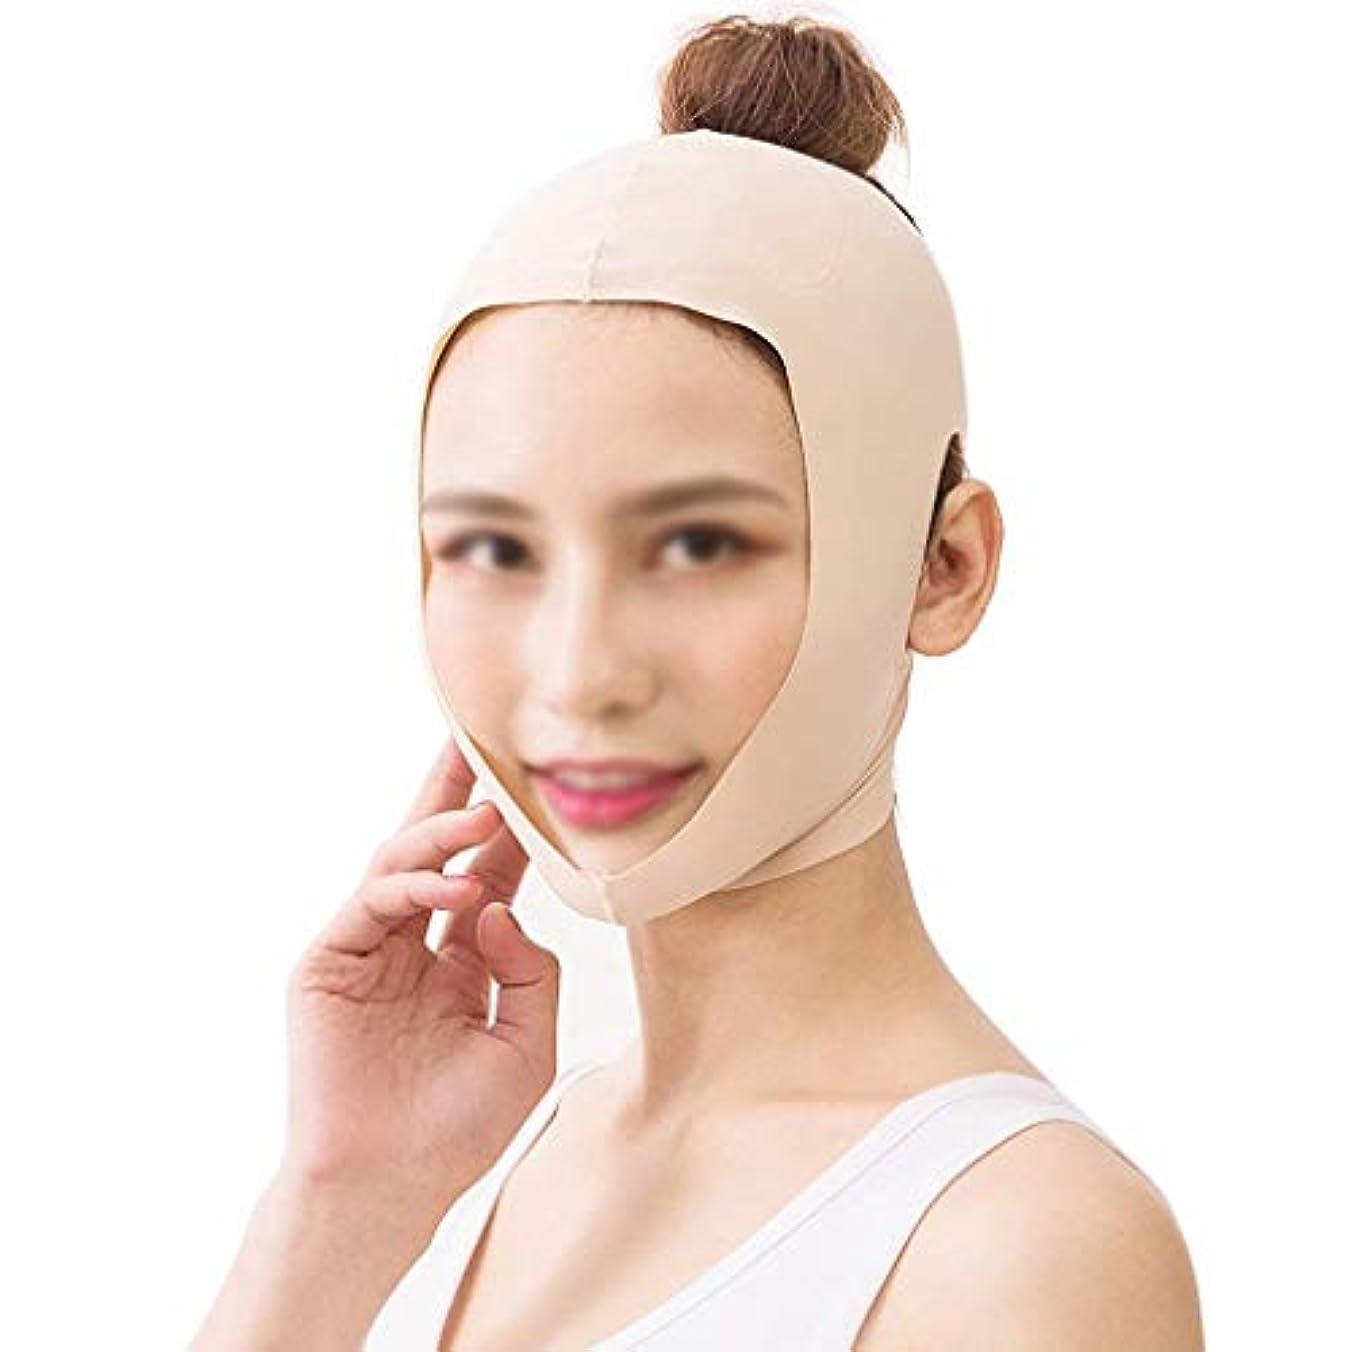 シード興奮許容できるフェイスリフト用フェイシャル引き締め包帯、フェイシャルリフティングツール、二重あごを減らすためのリフティング包帯